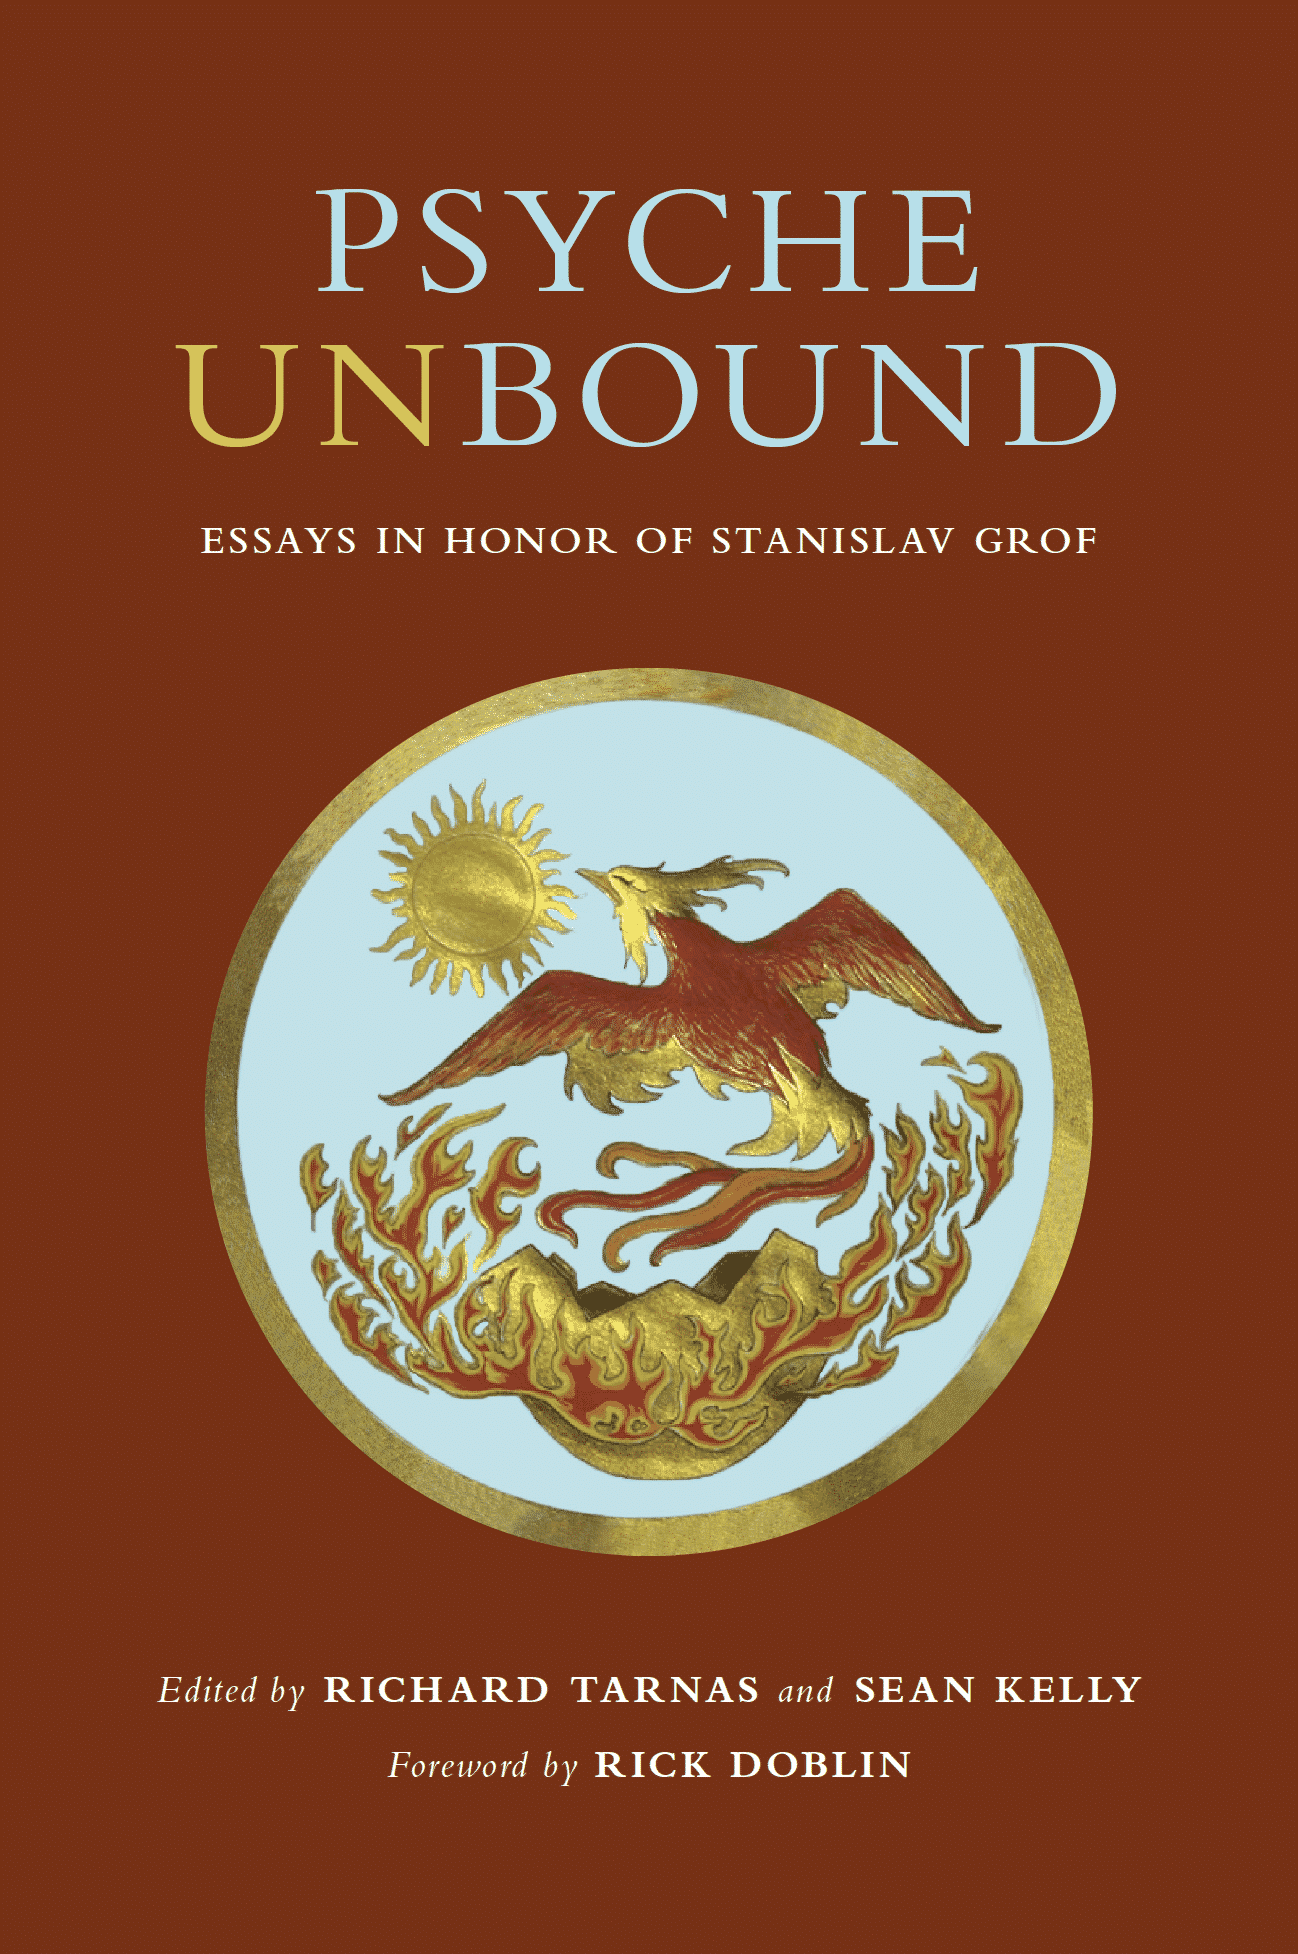 Psyche Unbound: Essays in Honor of Stanislav Grof